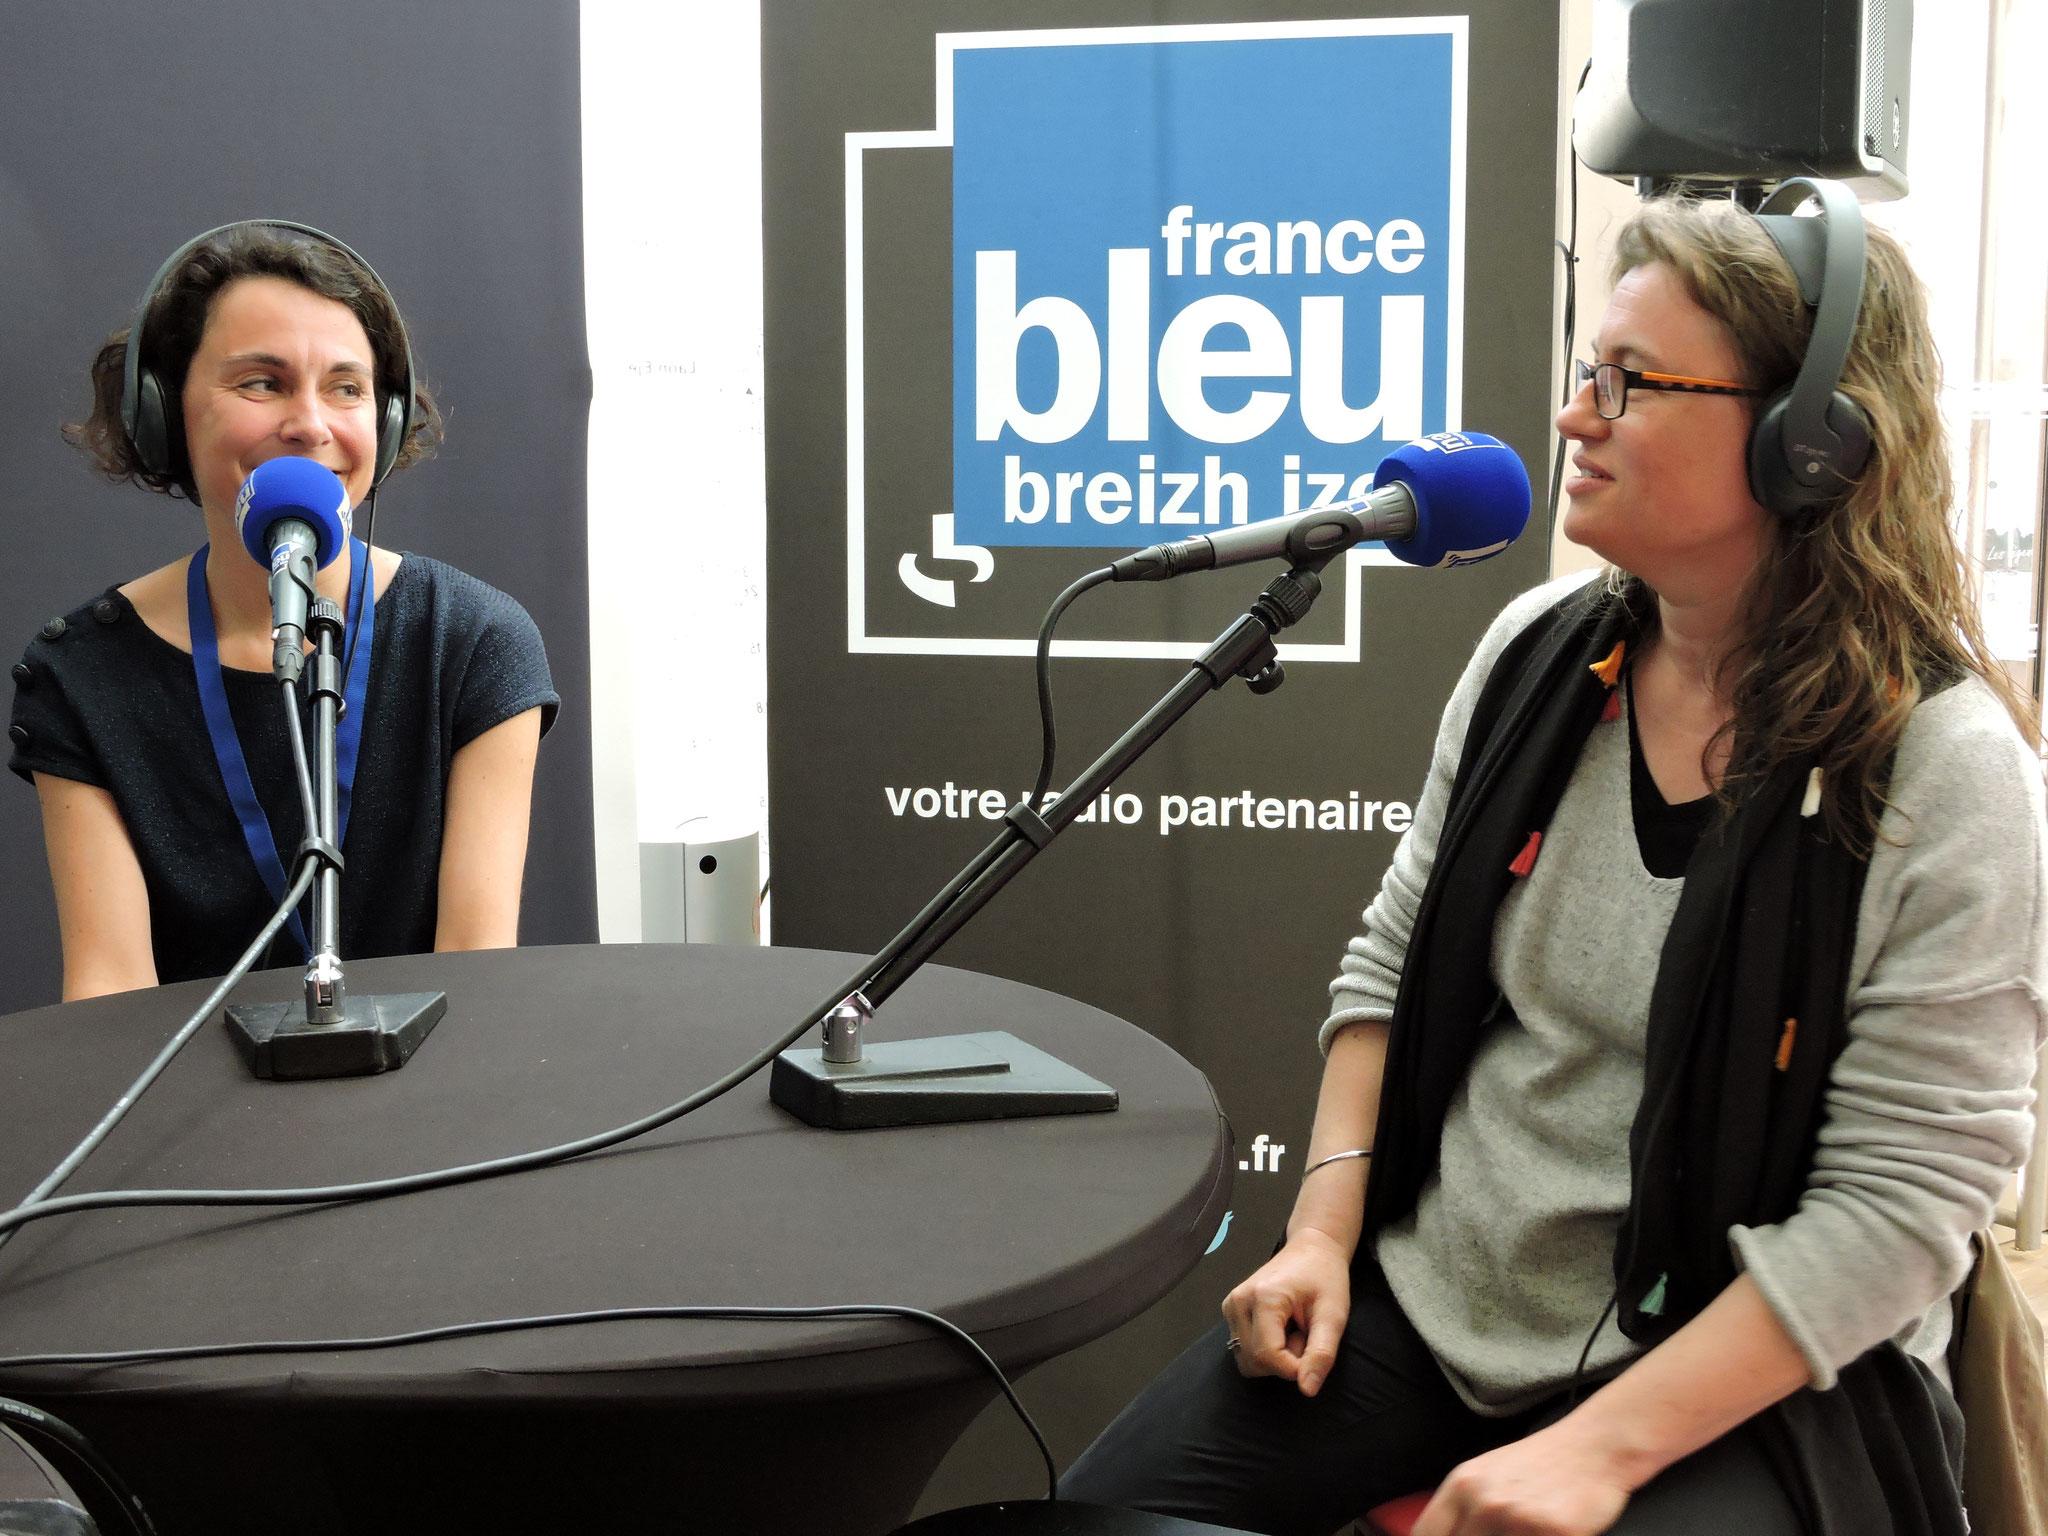 Jessie Magana et Sigrid Baffert en direct sur France Bleu Breizh Izel © C. Le Bonhomme